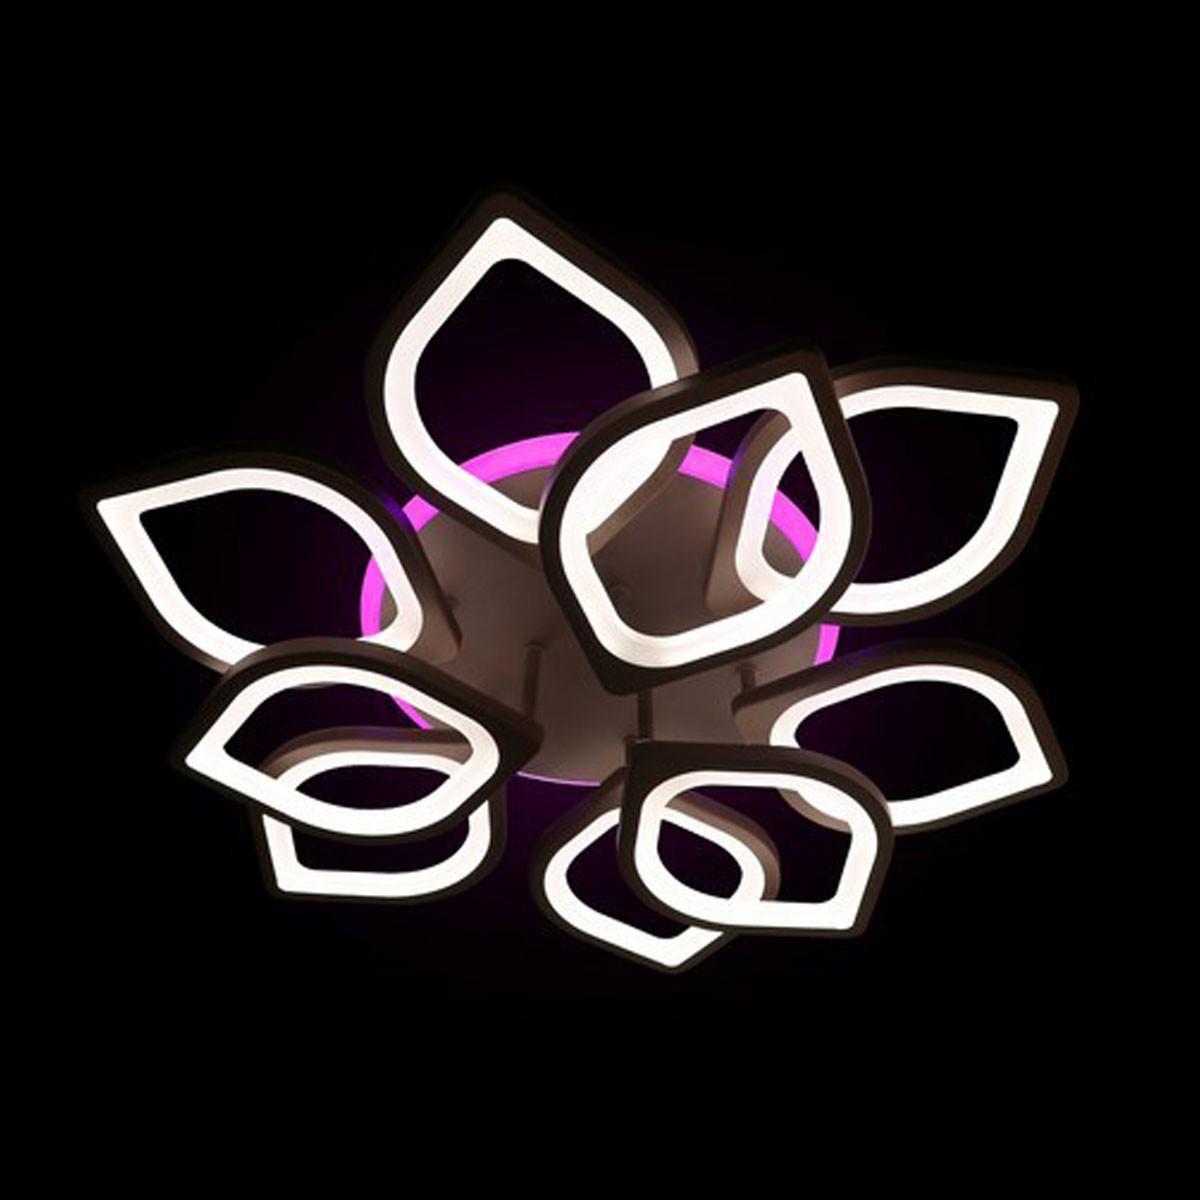 Світлодіодні люстри із пультом управління кольори білий чорний 120W Лінія сонця&5540/6+3 Led color